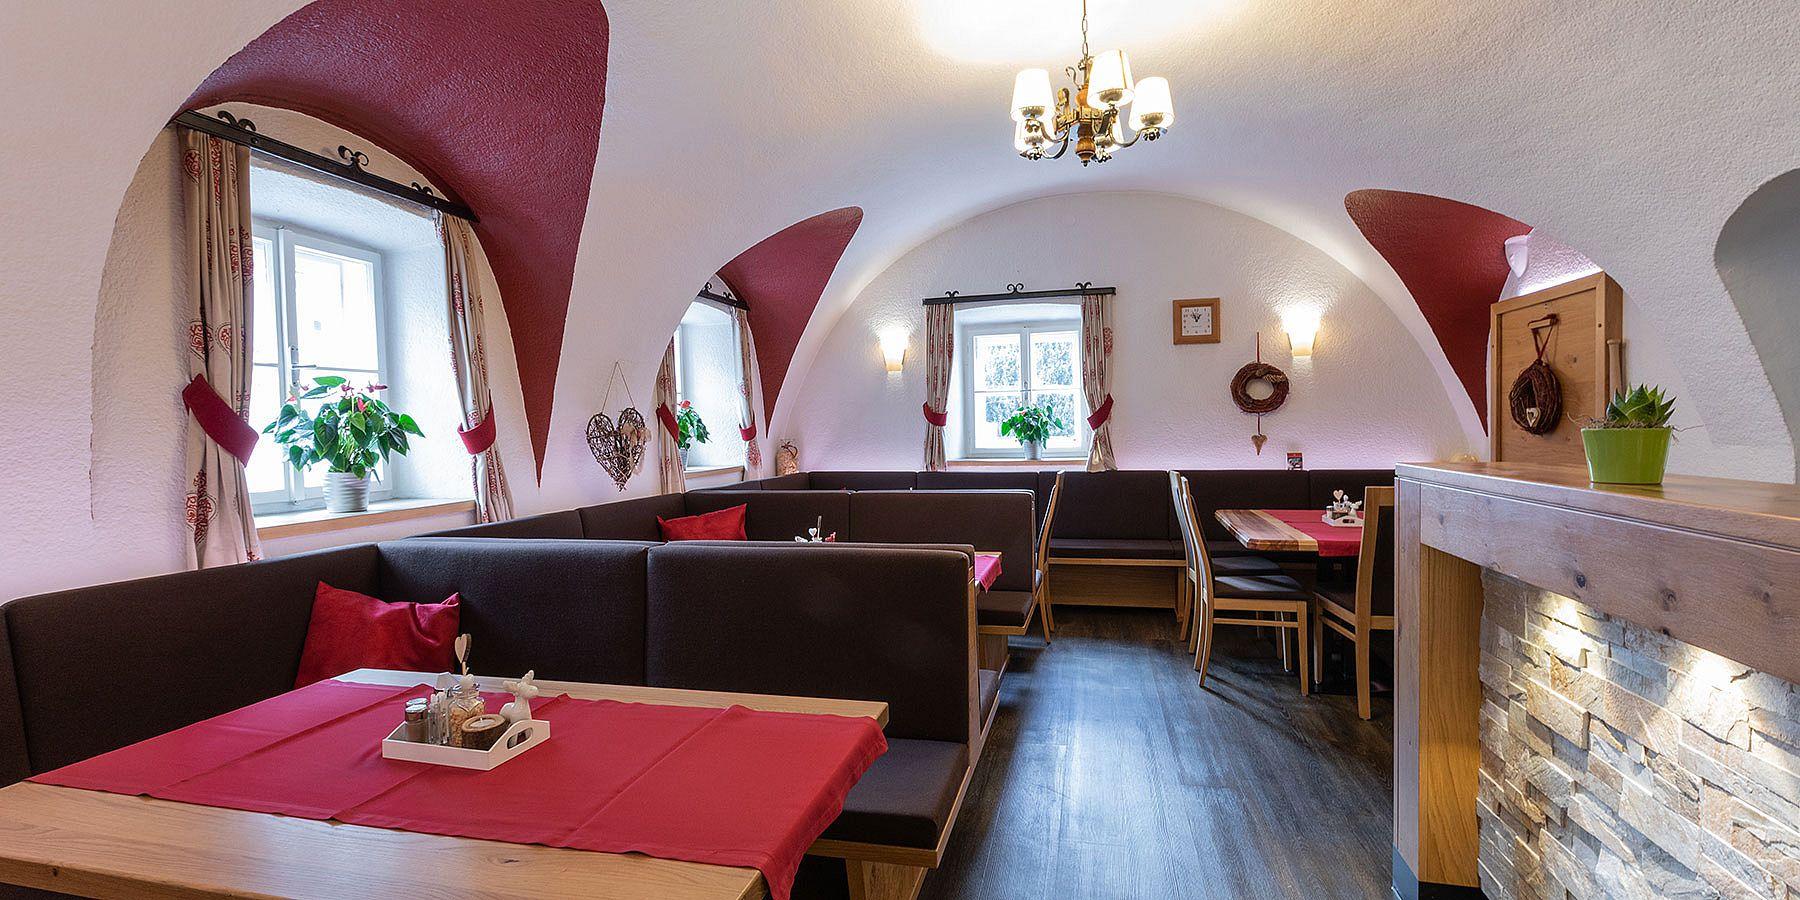 Restaurant Reiters Wohlfühlhotel